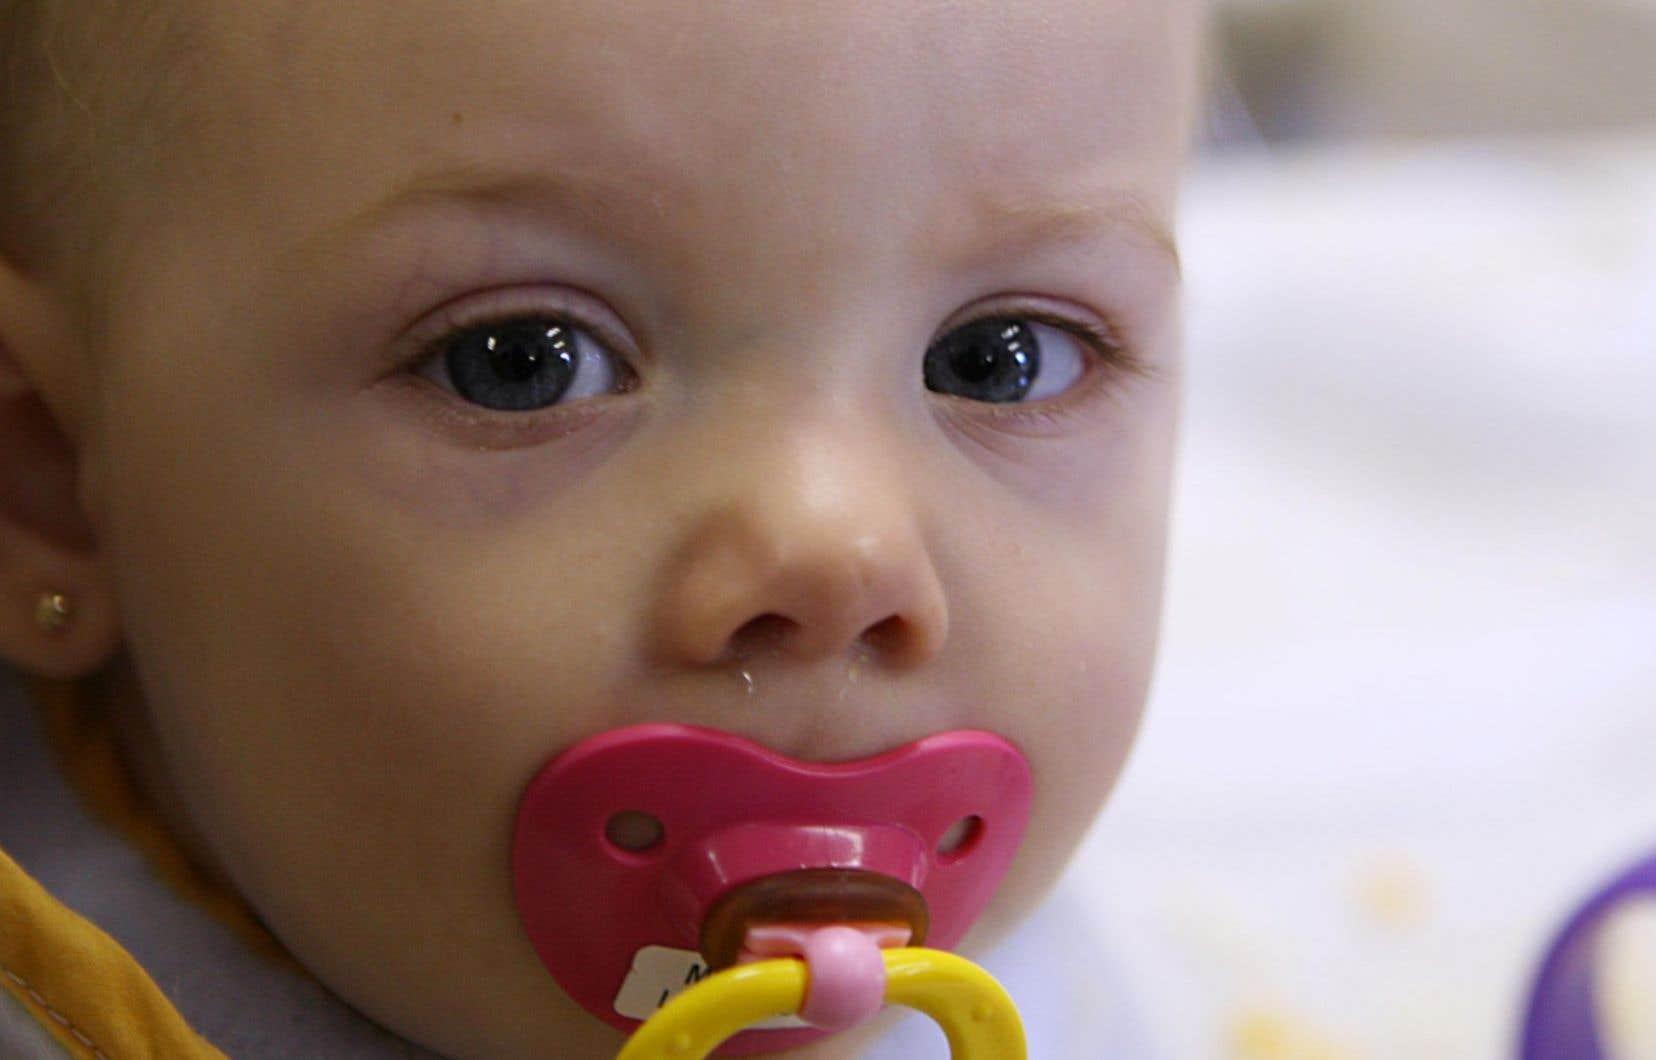 Une augmentation des cas et des hospitalisations a été constatée en 2014-2015. Selon le Comité sur l'immunisation, cela est en partie dû au fait que la première dose a été reportée de 12 à 18 mois, et des bébés non vaccinés ont contracté la maladie.